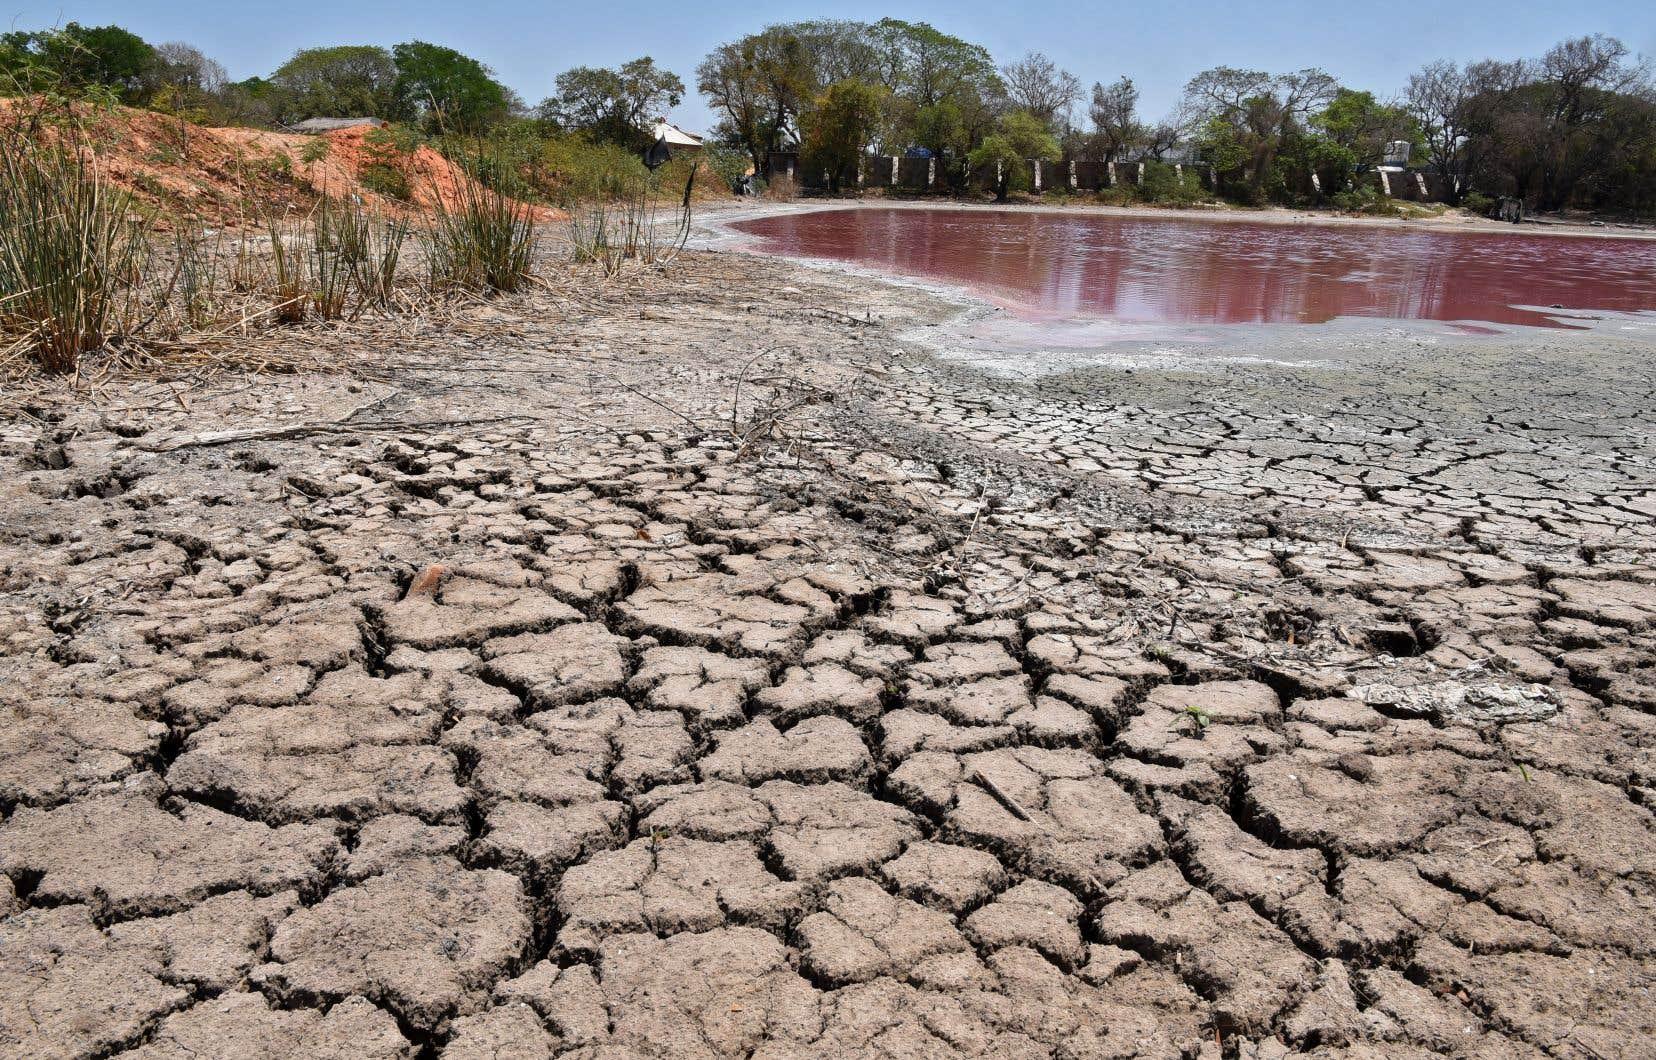 Le fonds LDN a été créé en 2017 dans le cadre de la Convention des Nations unies sur la lutte contre la désertification.